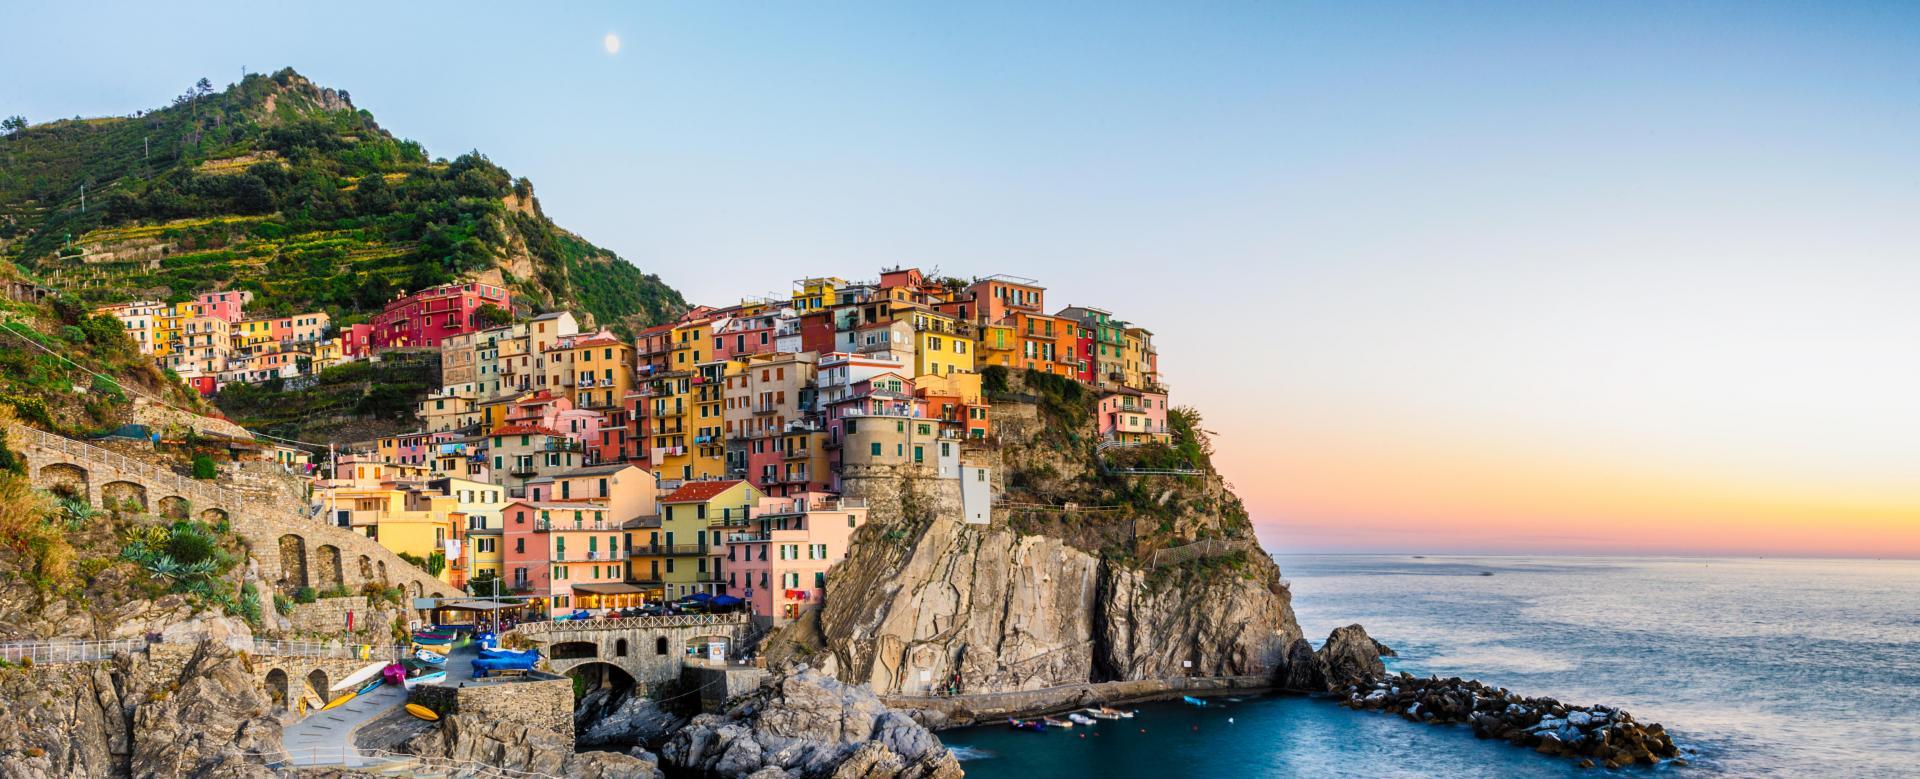 Voyage à pied : Italie : Villages des cinque terre